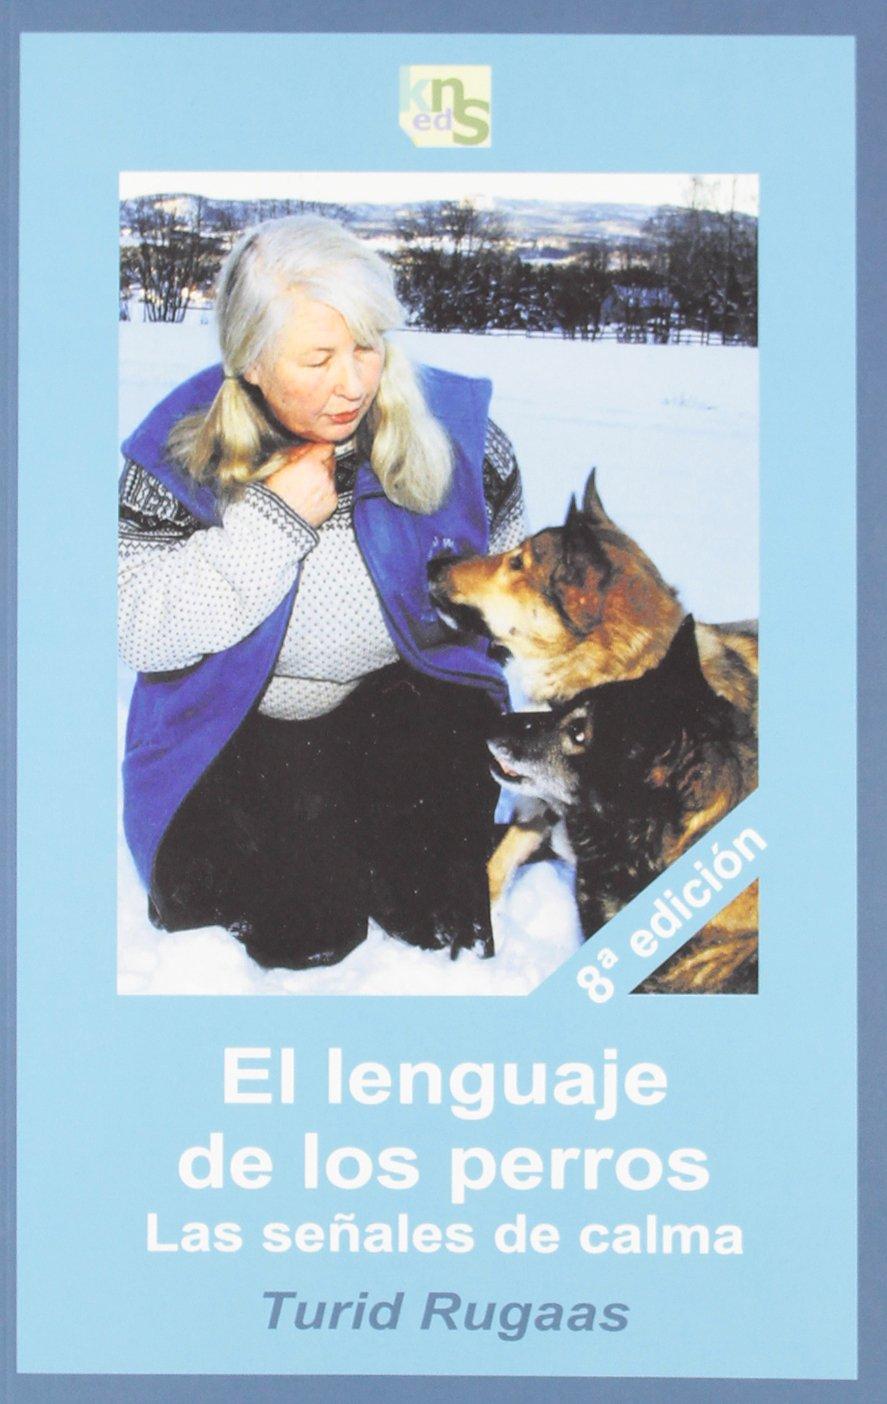 El lenguaje de los perros : las señales de calma